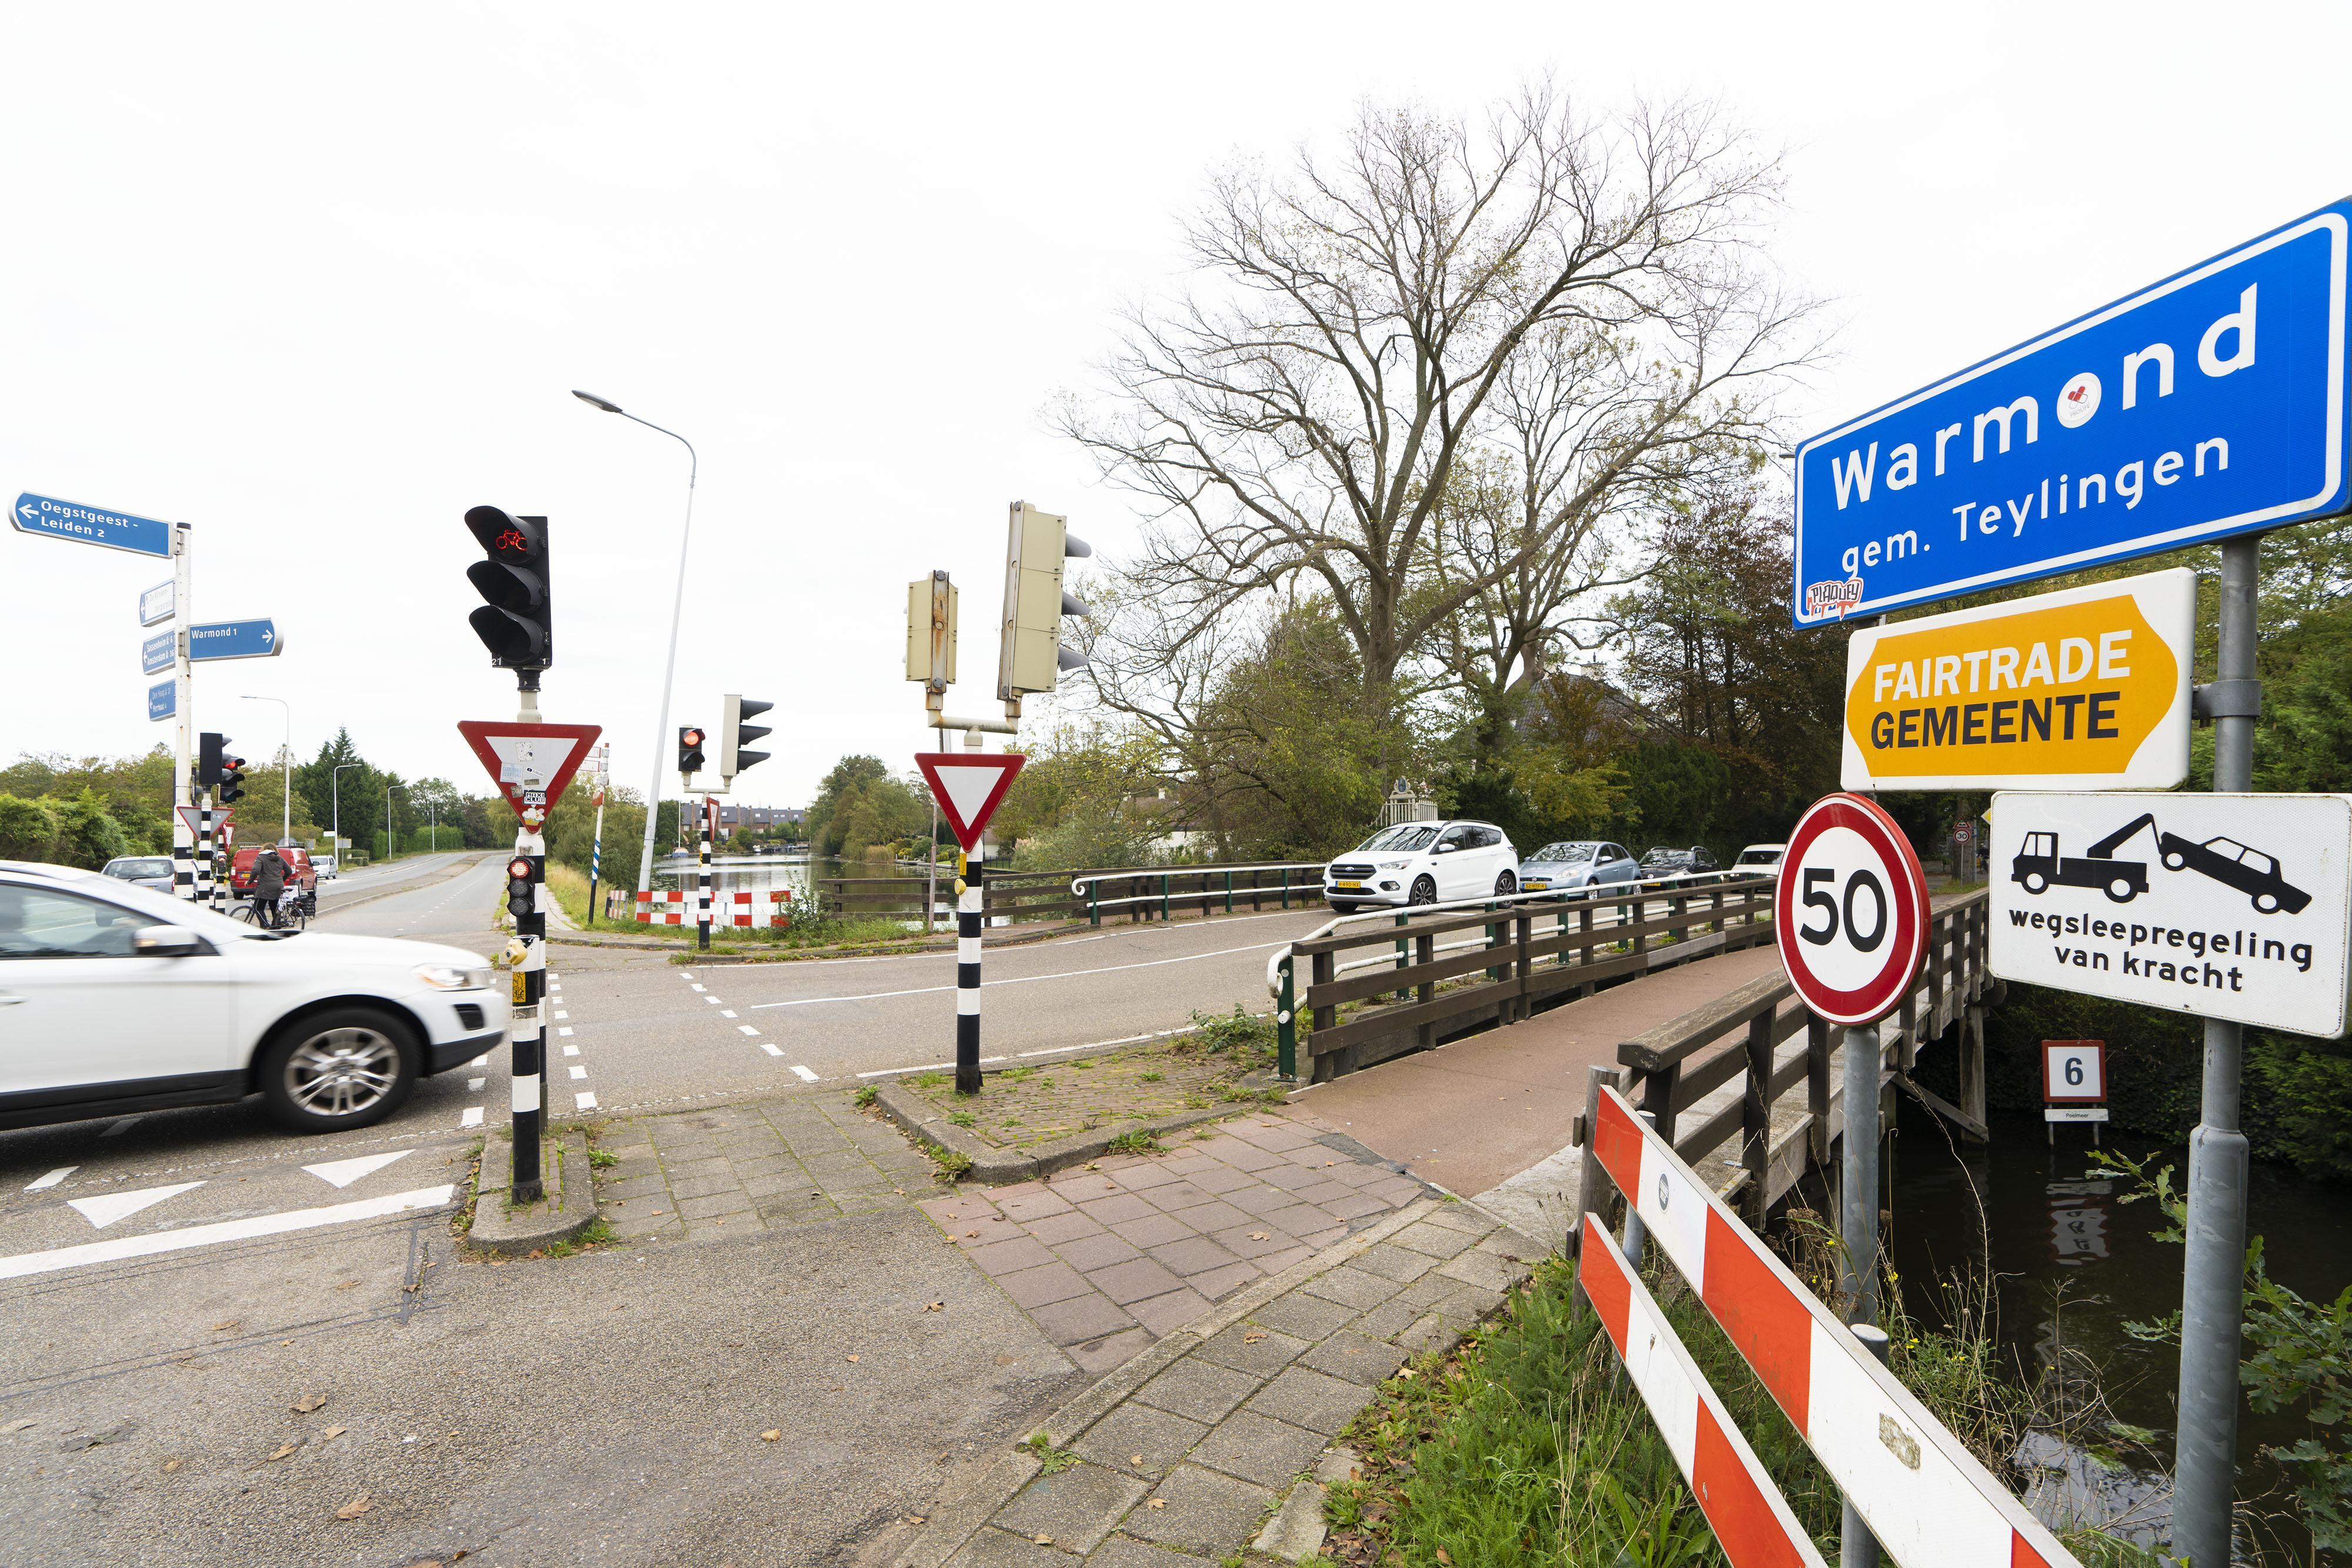 Vervangen tolhekbrug Warmond pas in najaar 2021